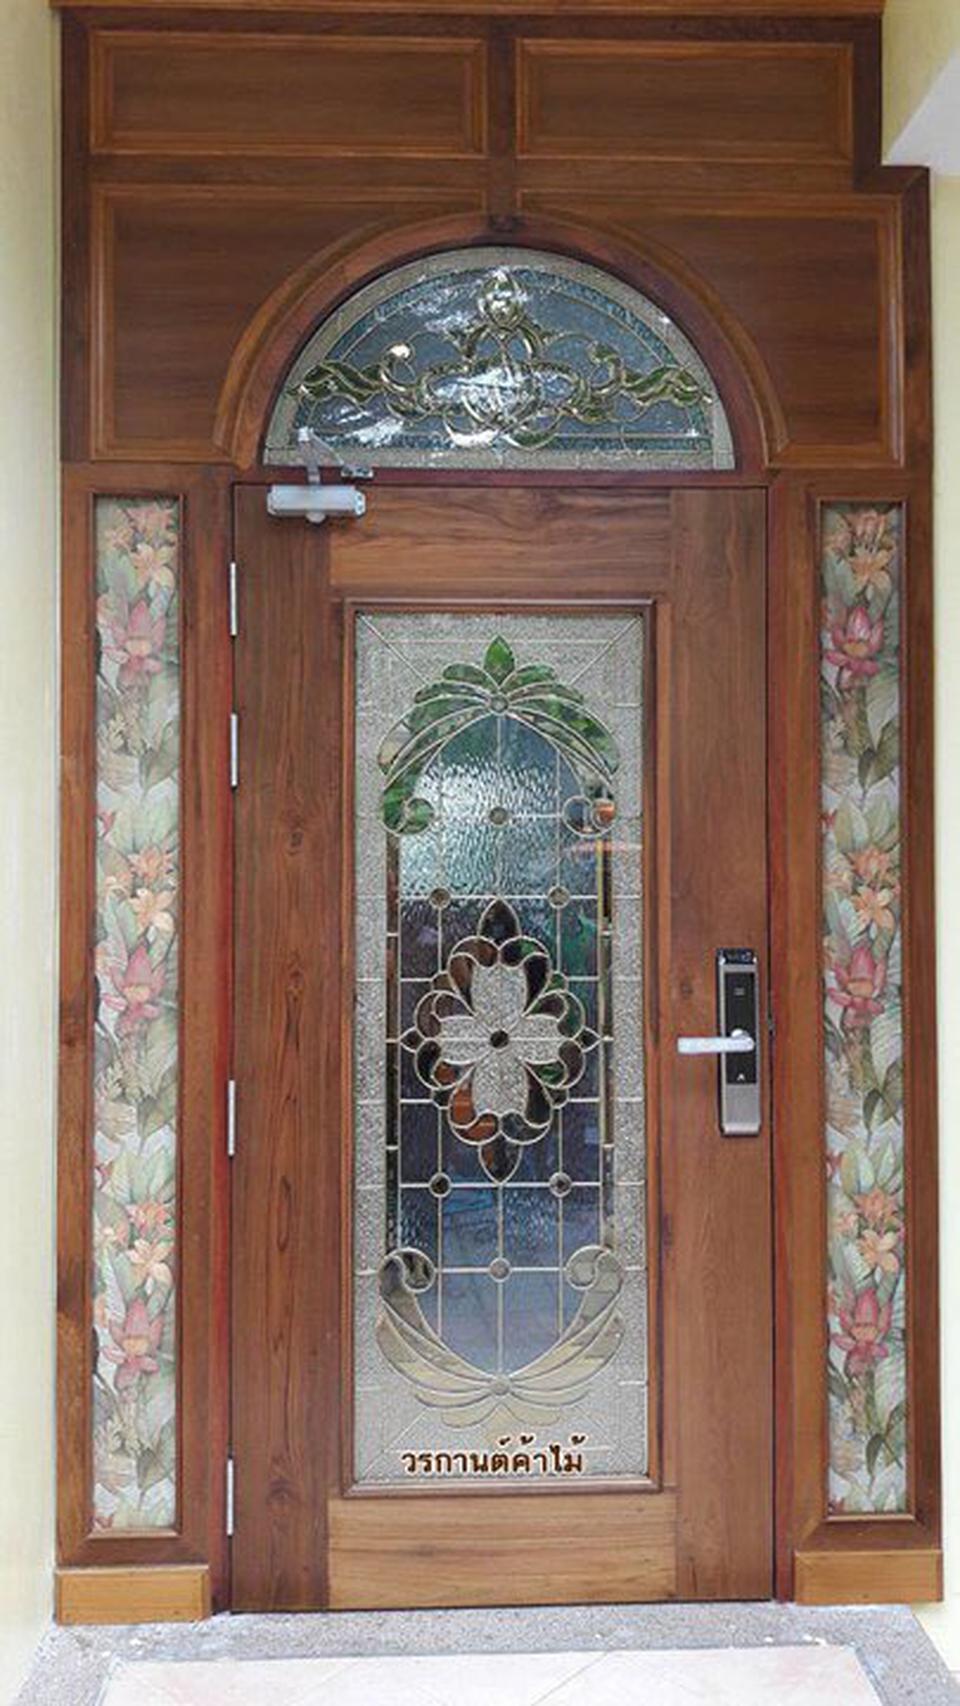 door-woodhome.comร้านวรกานต์ค้าไม้ จำหน่าย ประตูไม้สัก,ประตูไม้สักกระจกนิรภัย, หน้าต่างไม้สัก วงกบ ประตูไม้สักแพร่ รูปที่ 3